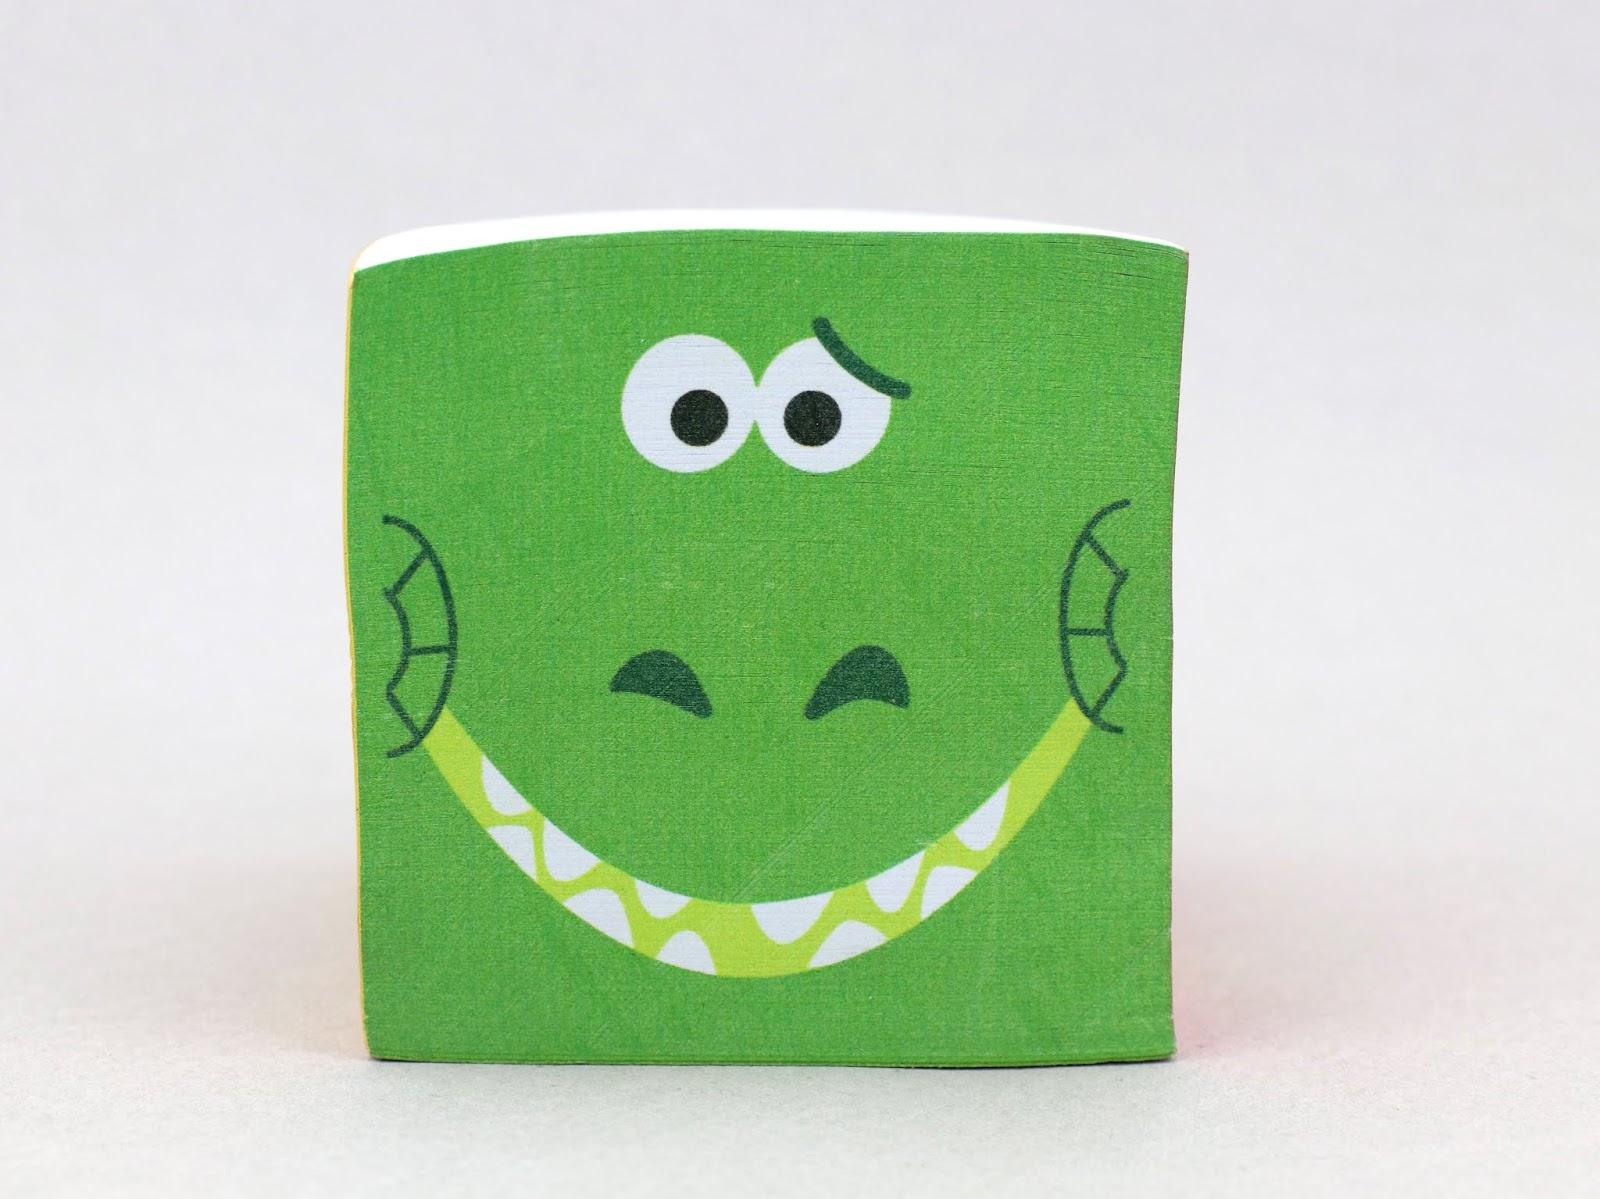 Disney Pixar Sticky Note Memo Desk Cube